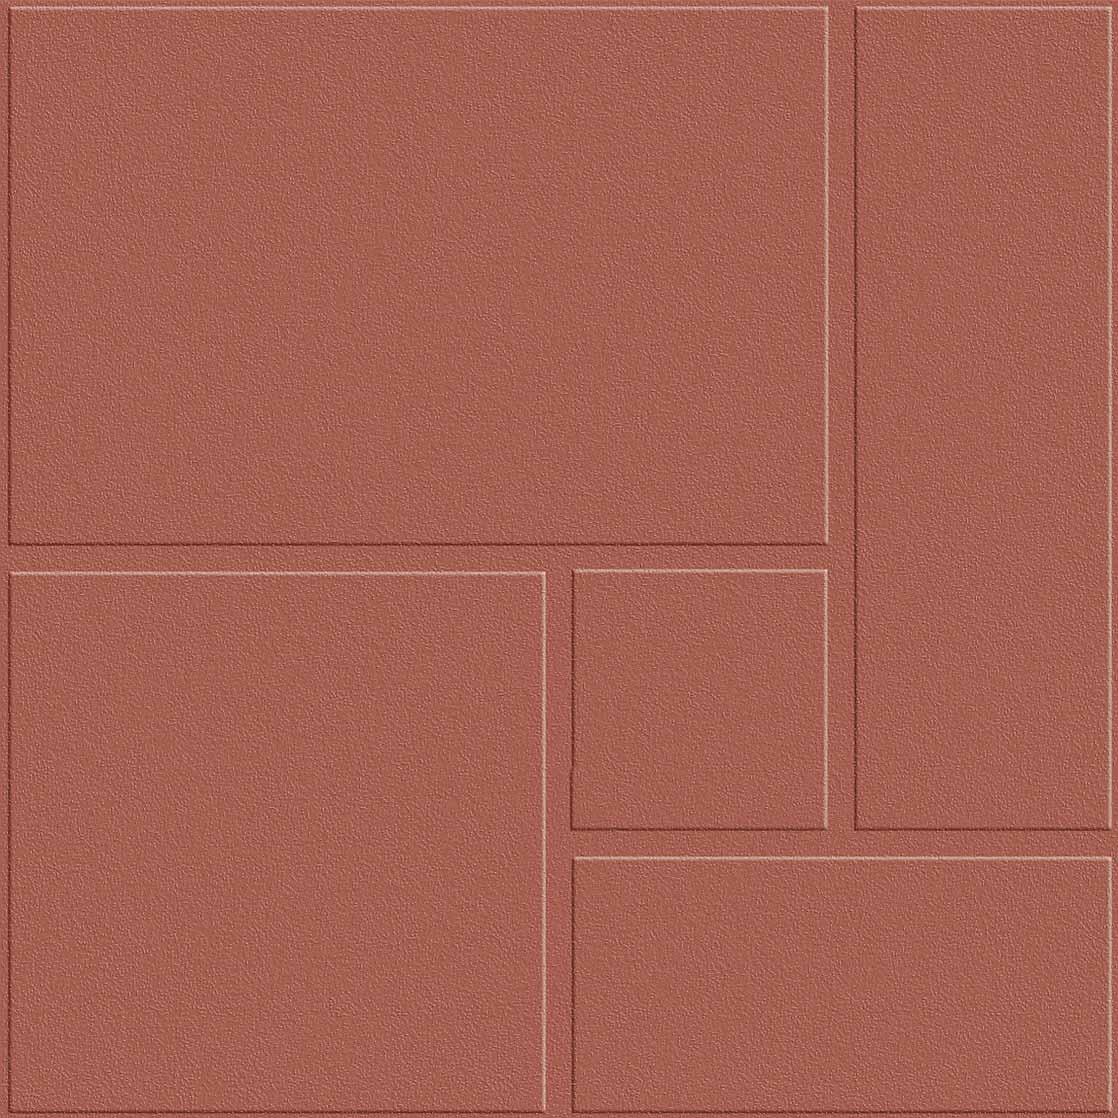 Gạch Cotto tráng men 400x400 Viglacera D408 giá rẻ